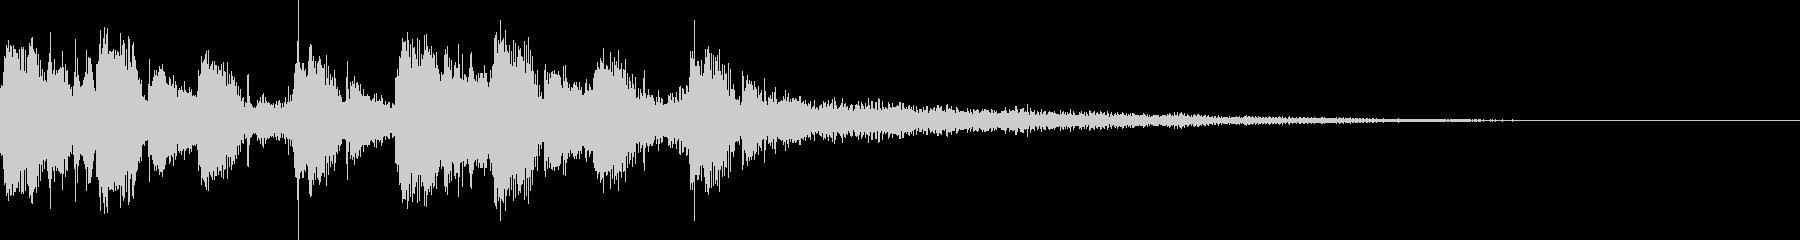 モダン・最先端・EDMジングル4の未再生の波形